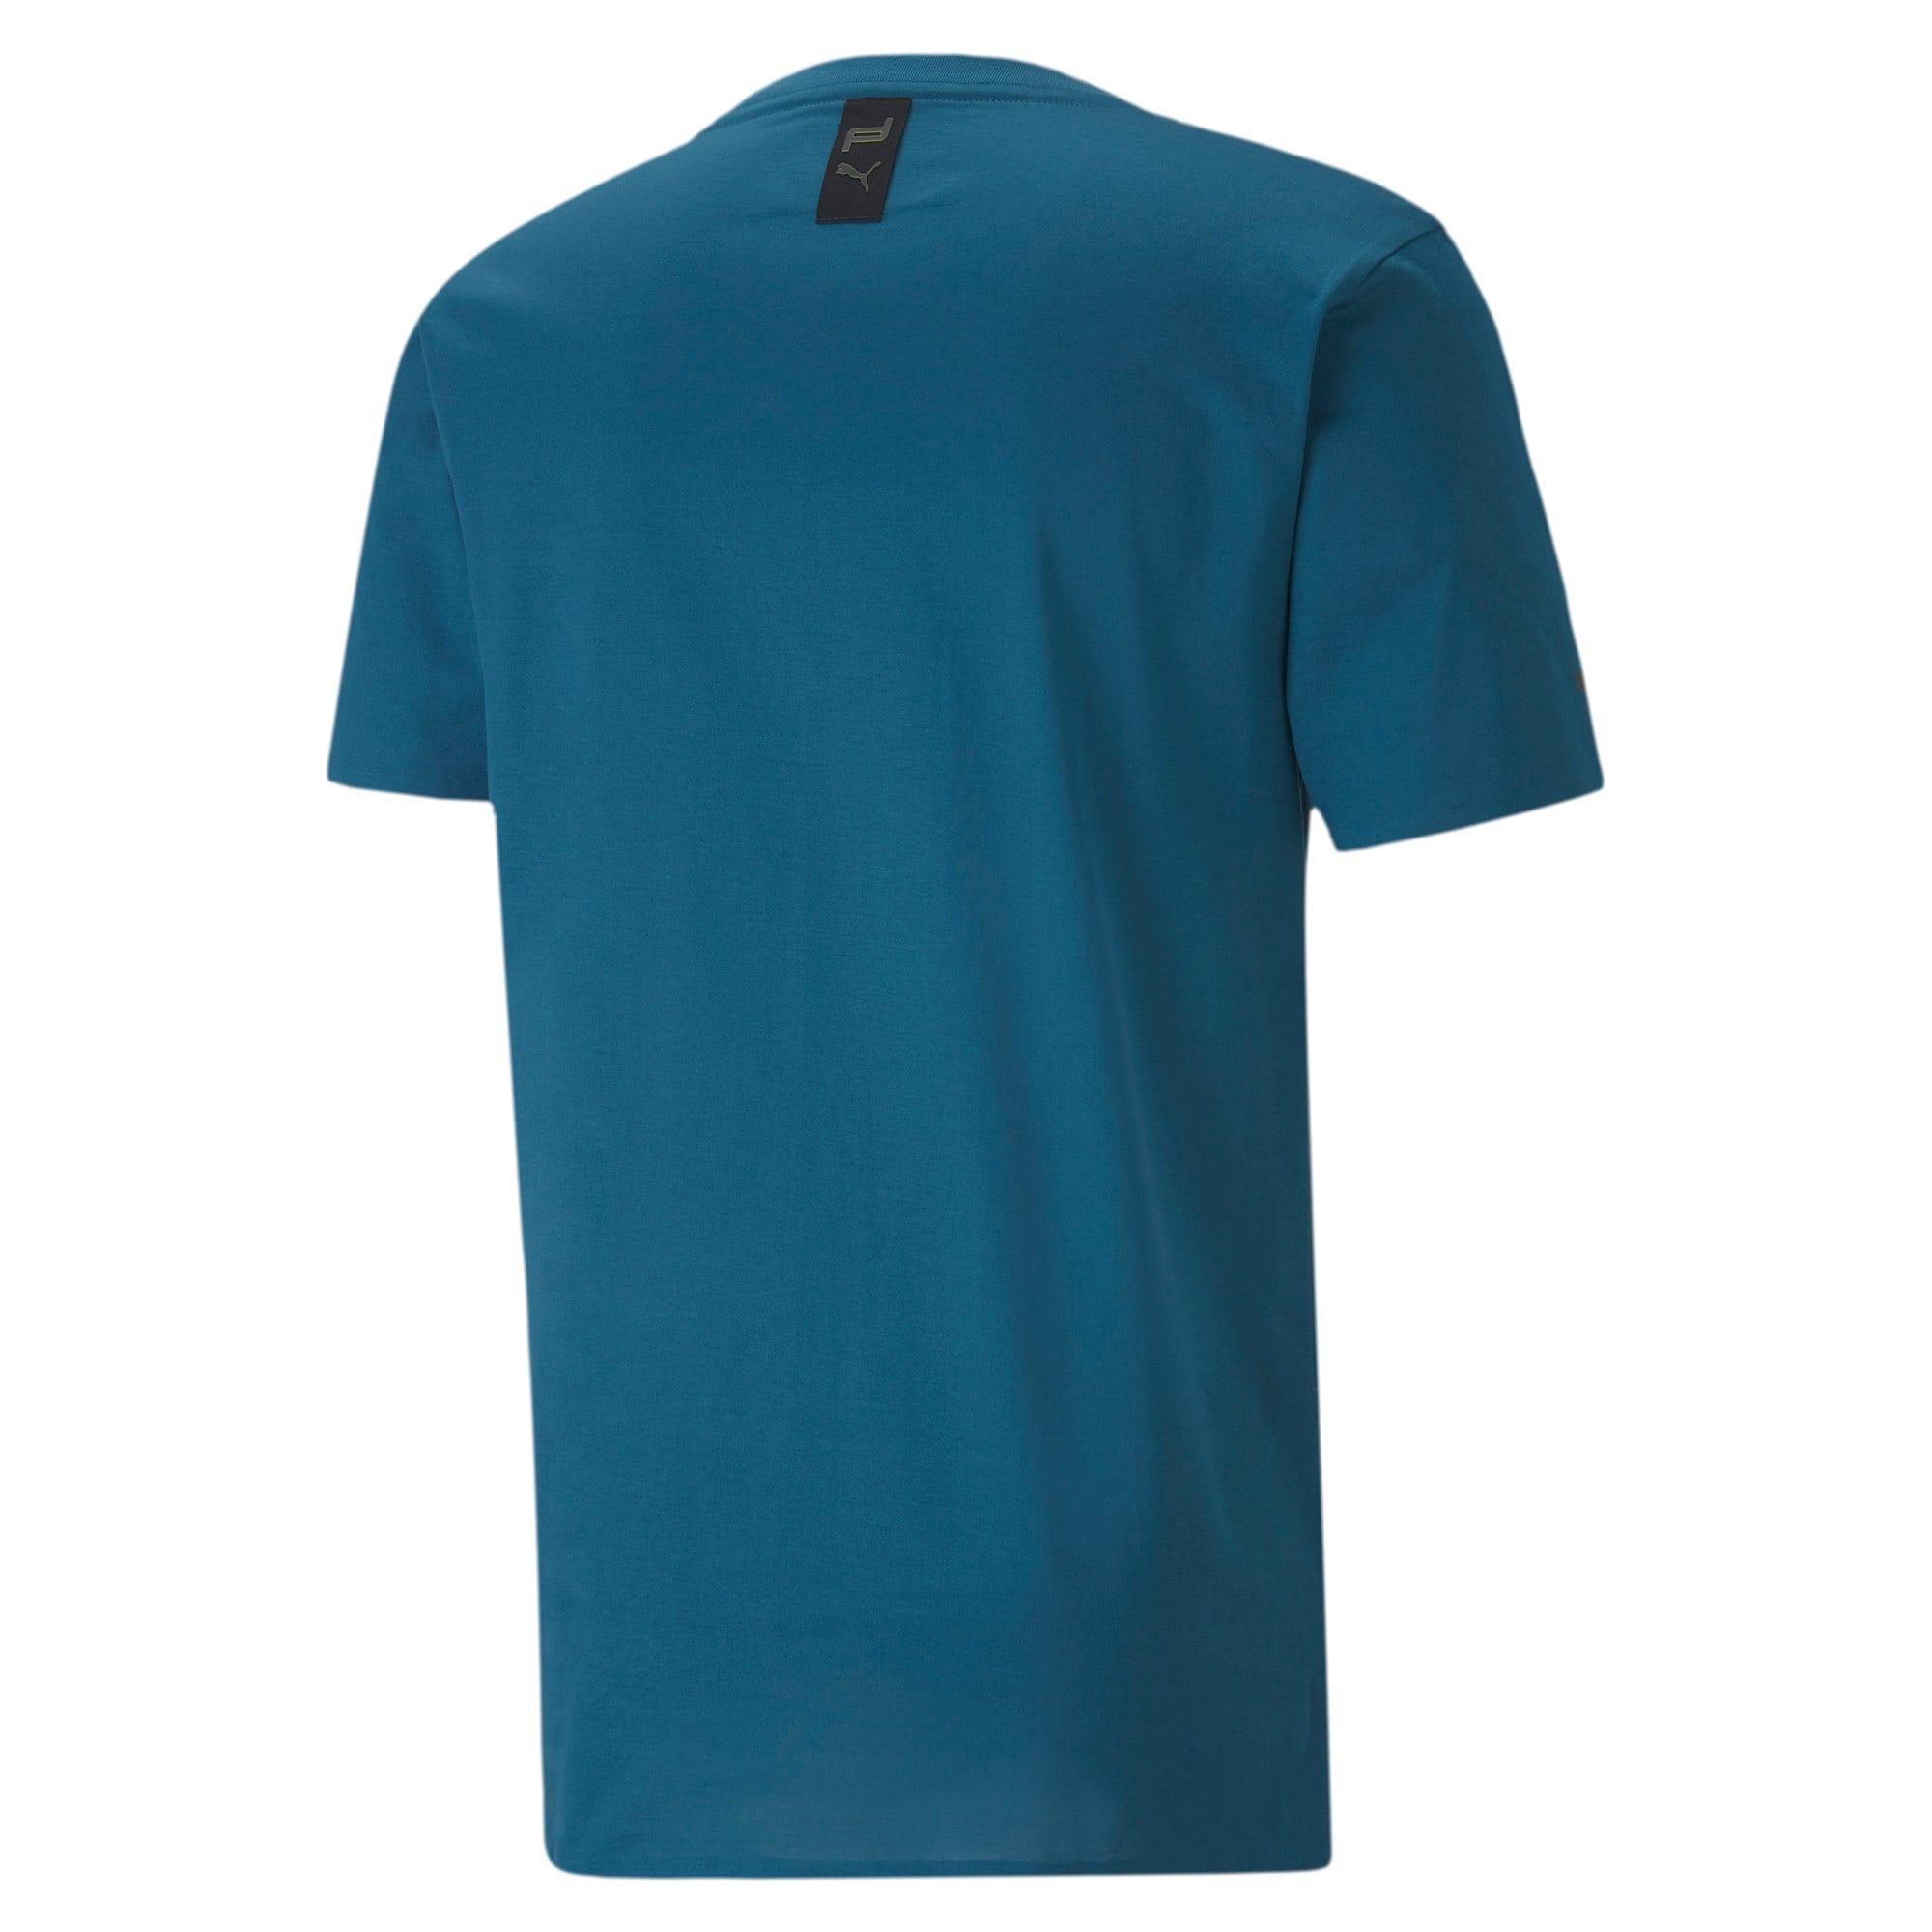 Thumbnail 6 of M ポルシェデザイン PD グラフィック Tシャツ, Moroccan Blue, medium-JPN